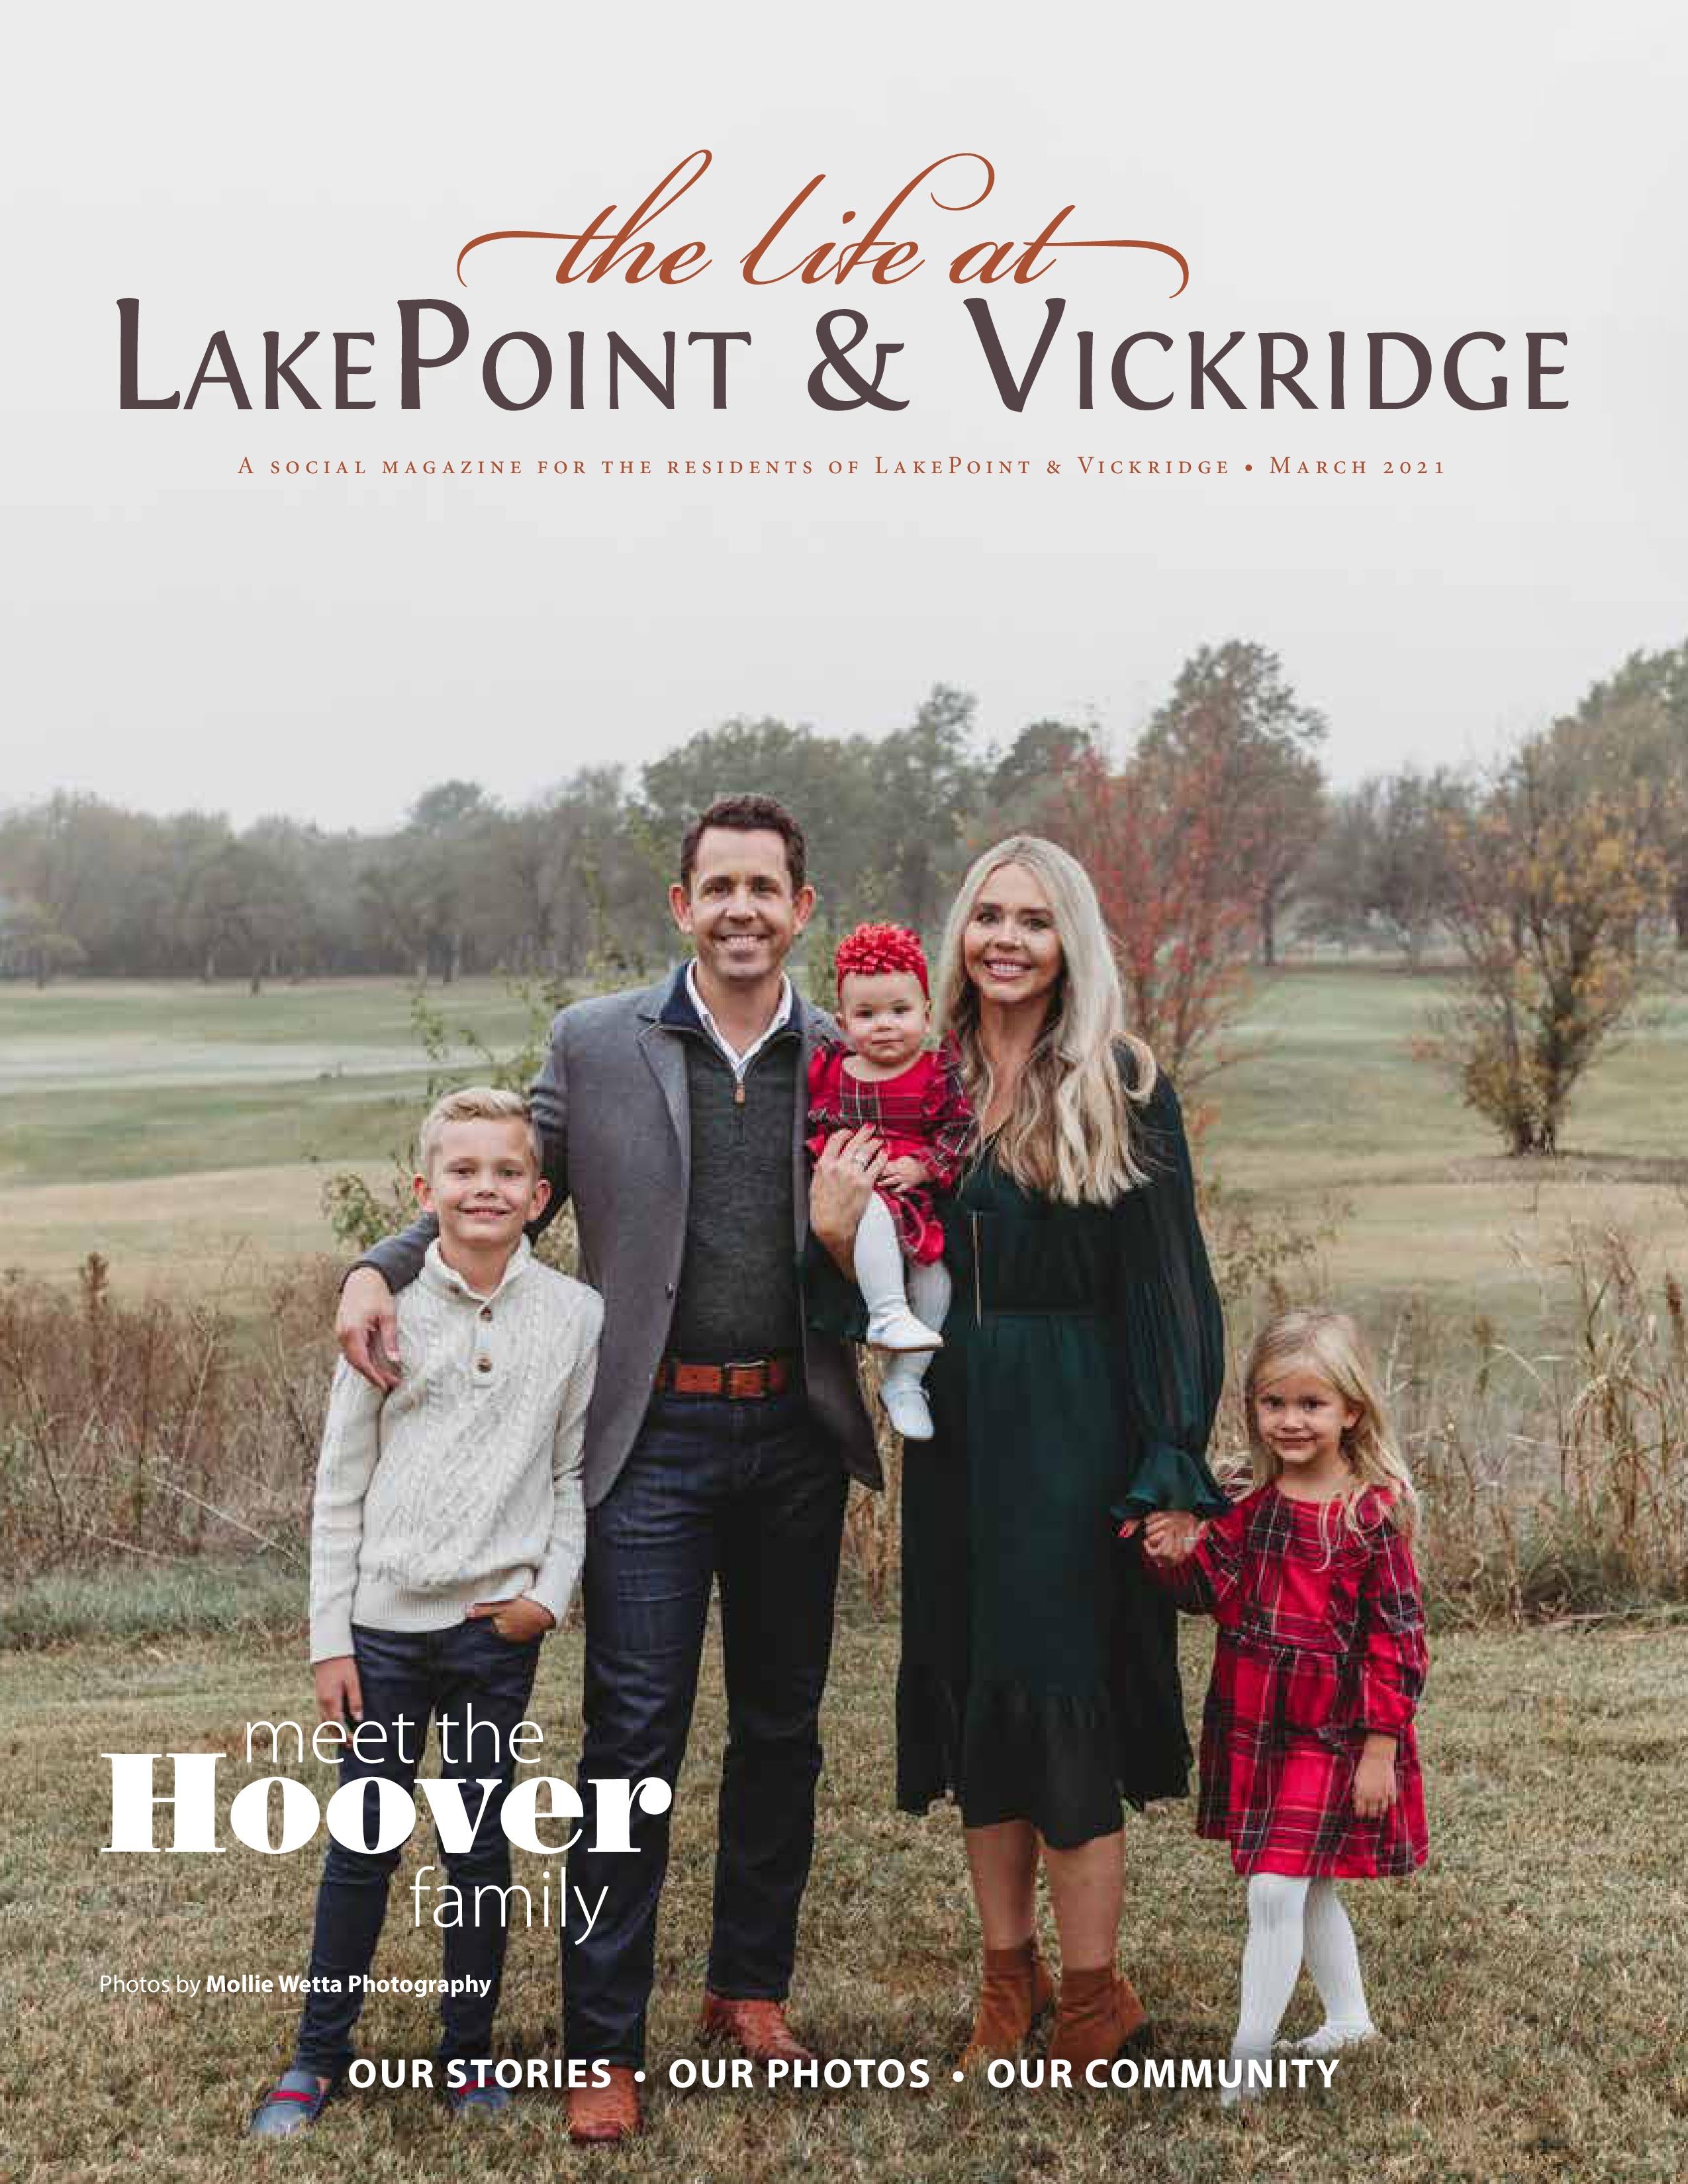 The Life at LakePoint & Vickridge 2021-03-01